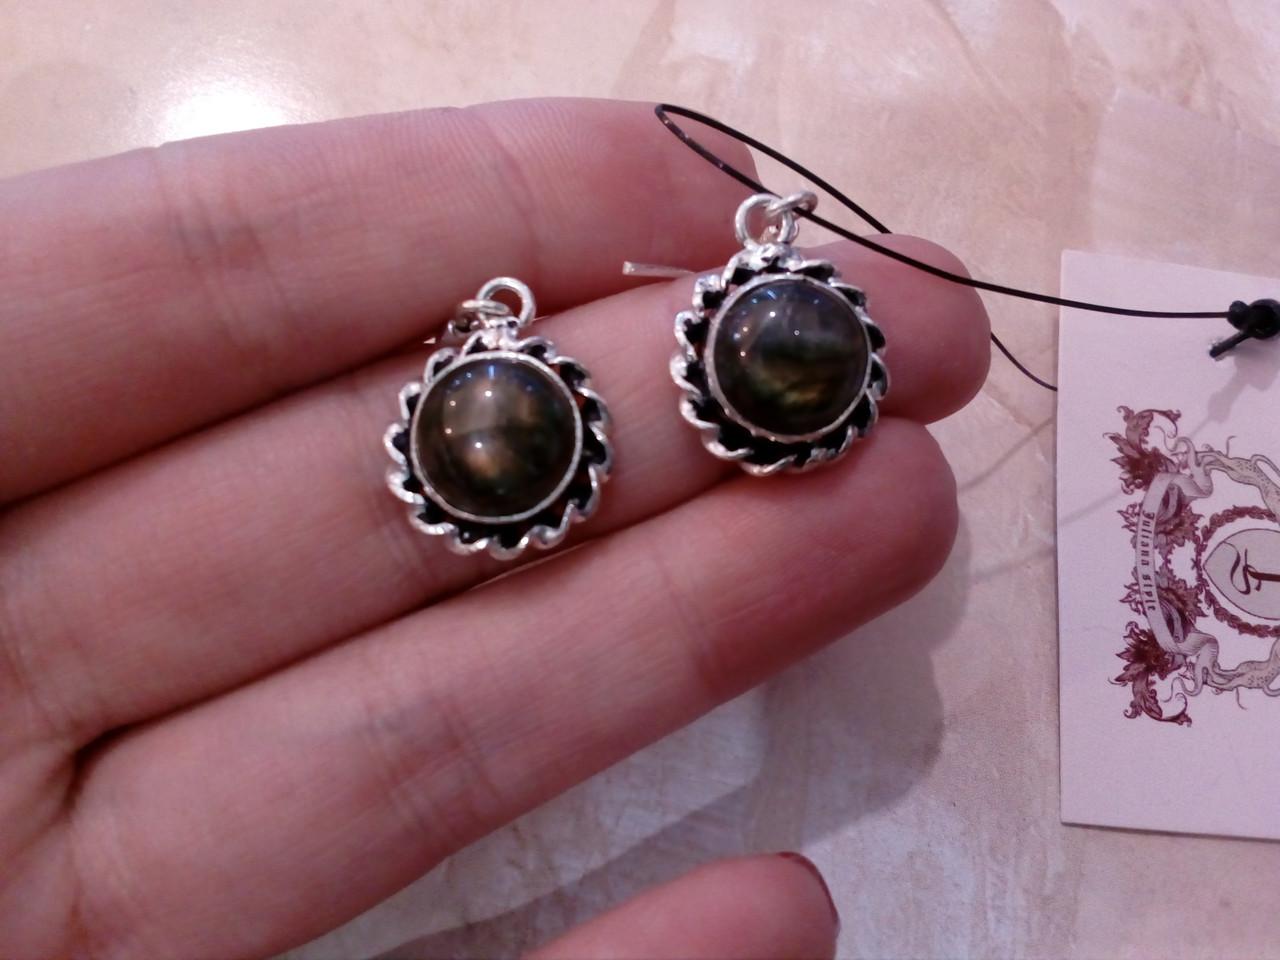 Серьги - натуральный лабрадор. Серьги с натуральным камнем лабрадор в серебре., фото 1